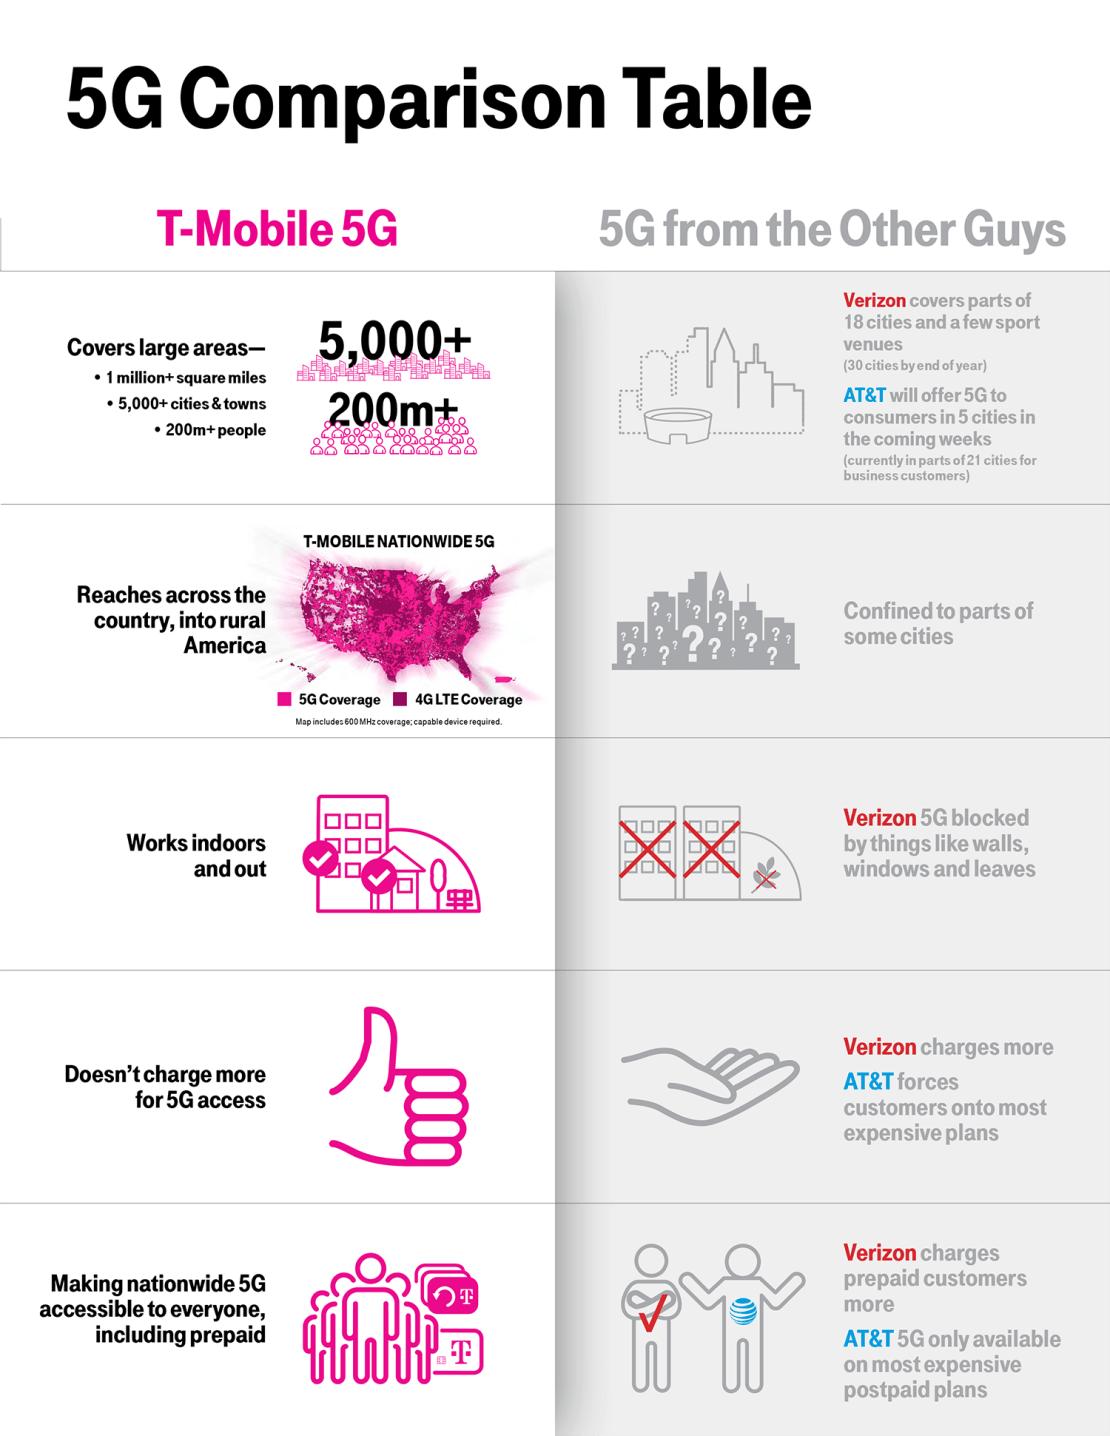 Porównanie sieci 5G w T-Mobile z innymi operatorami w USA